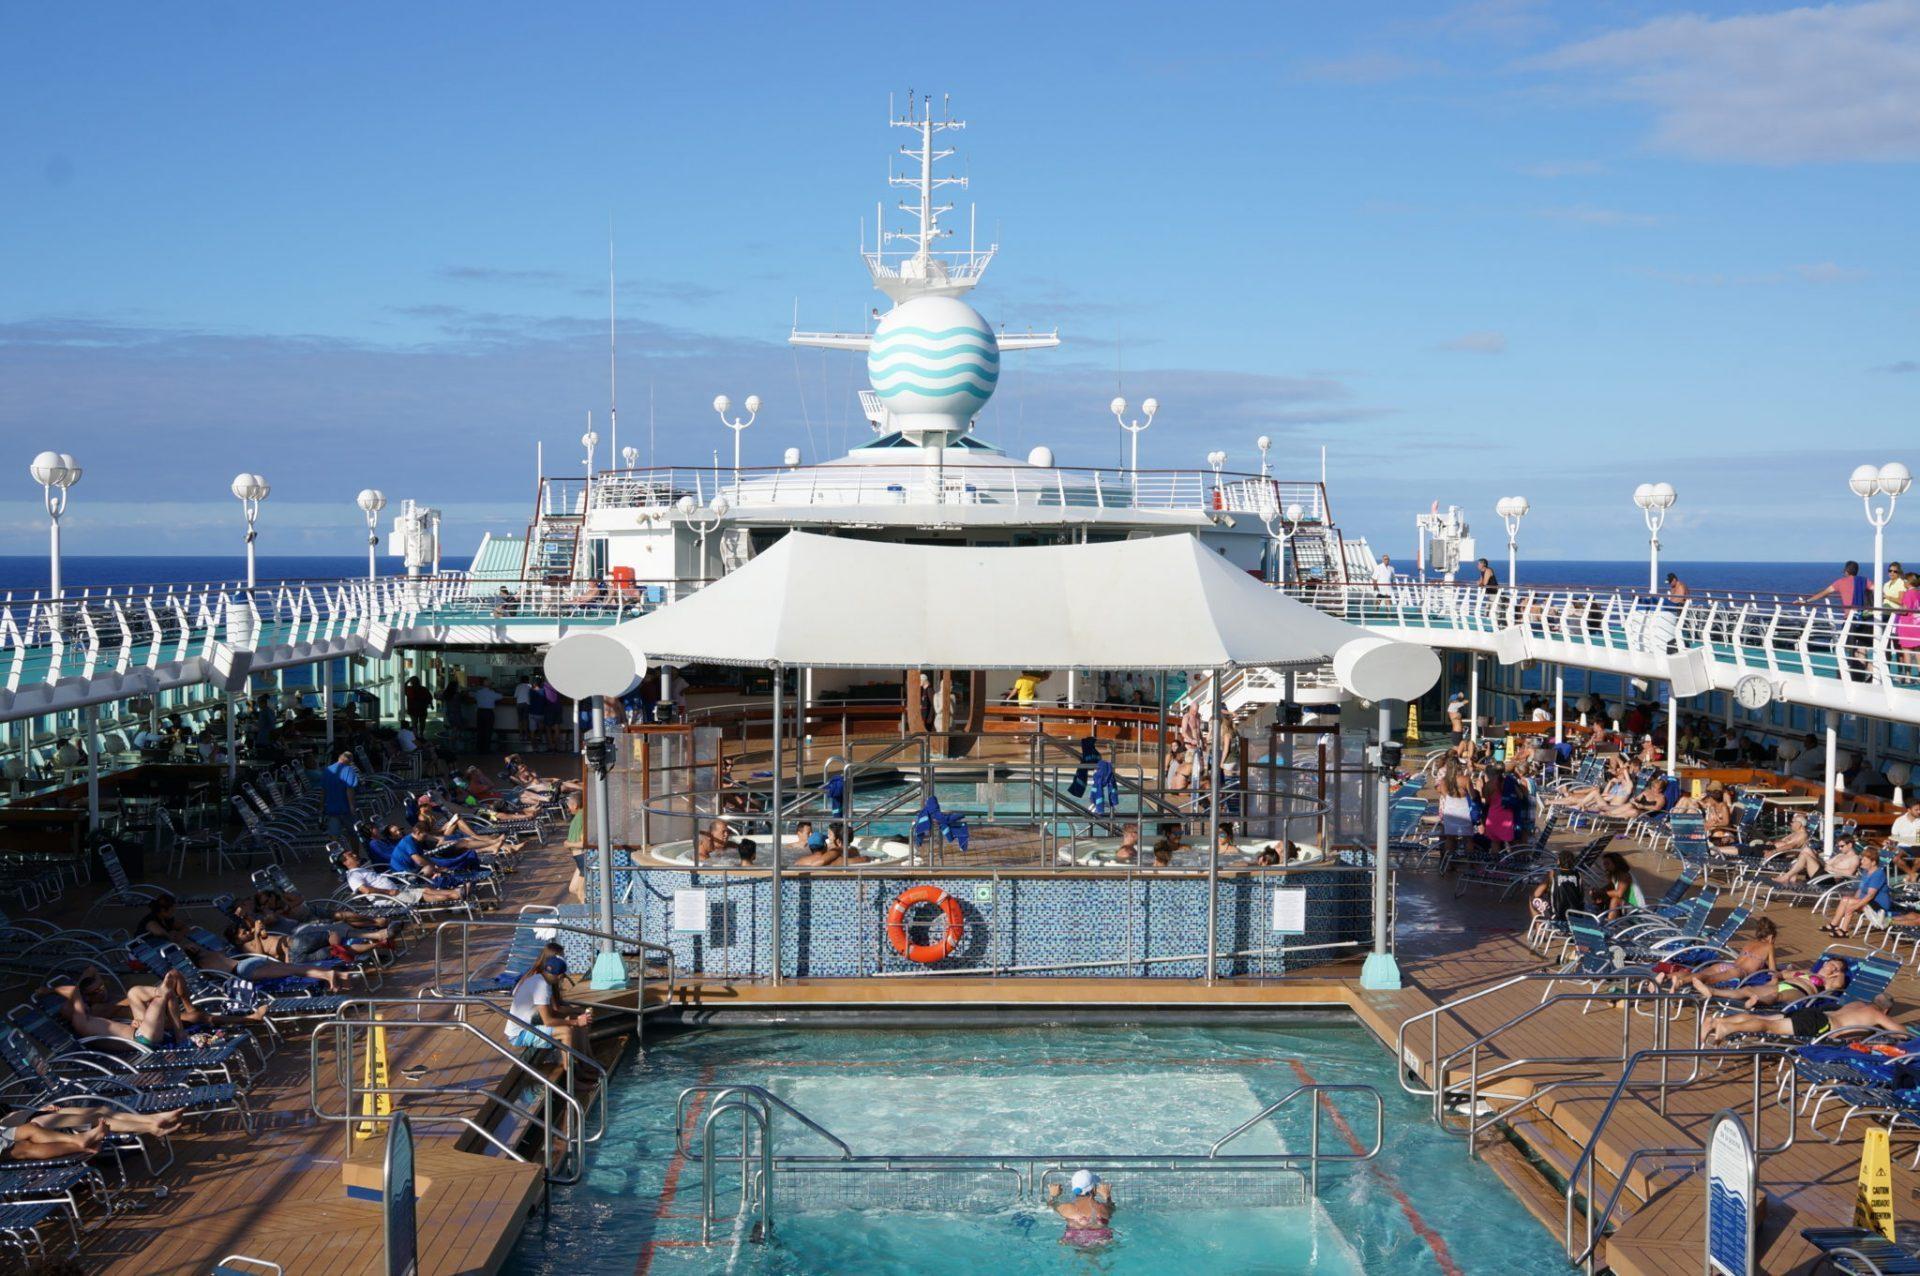 dating.com reviews 2018 canada cruises review